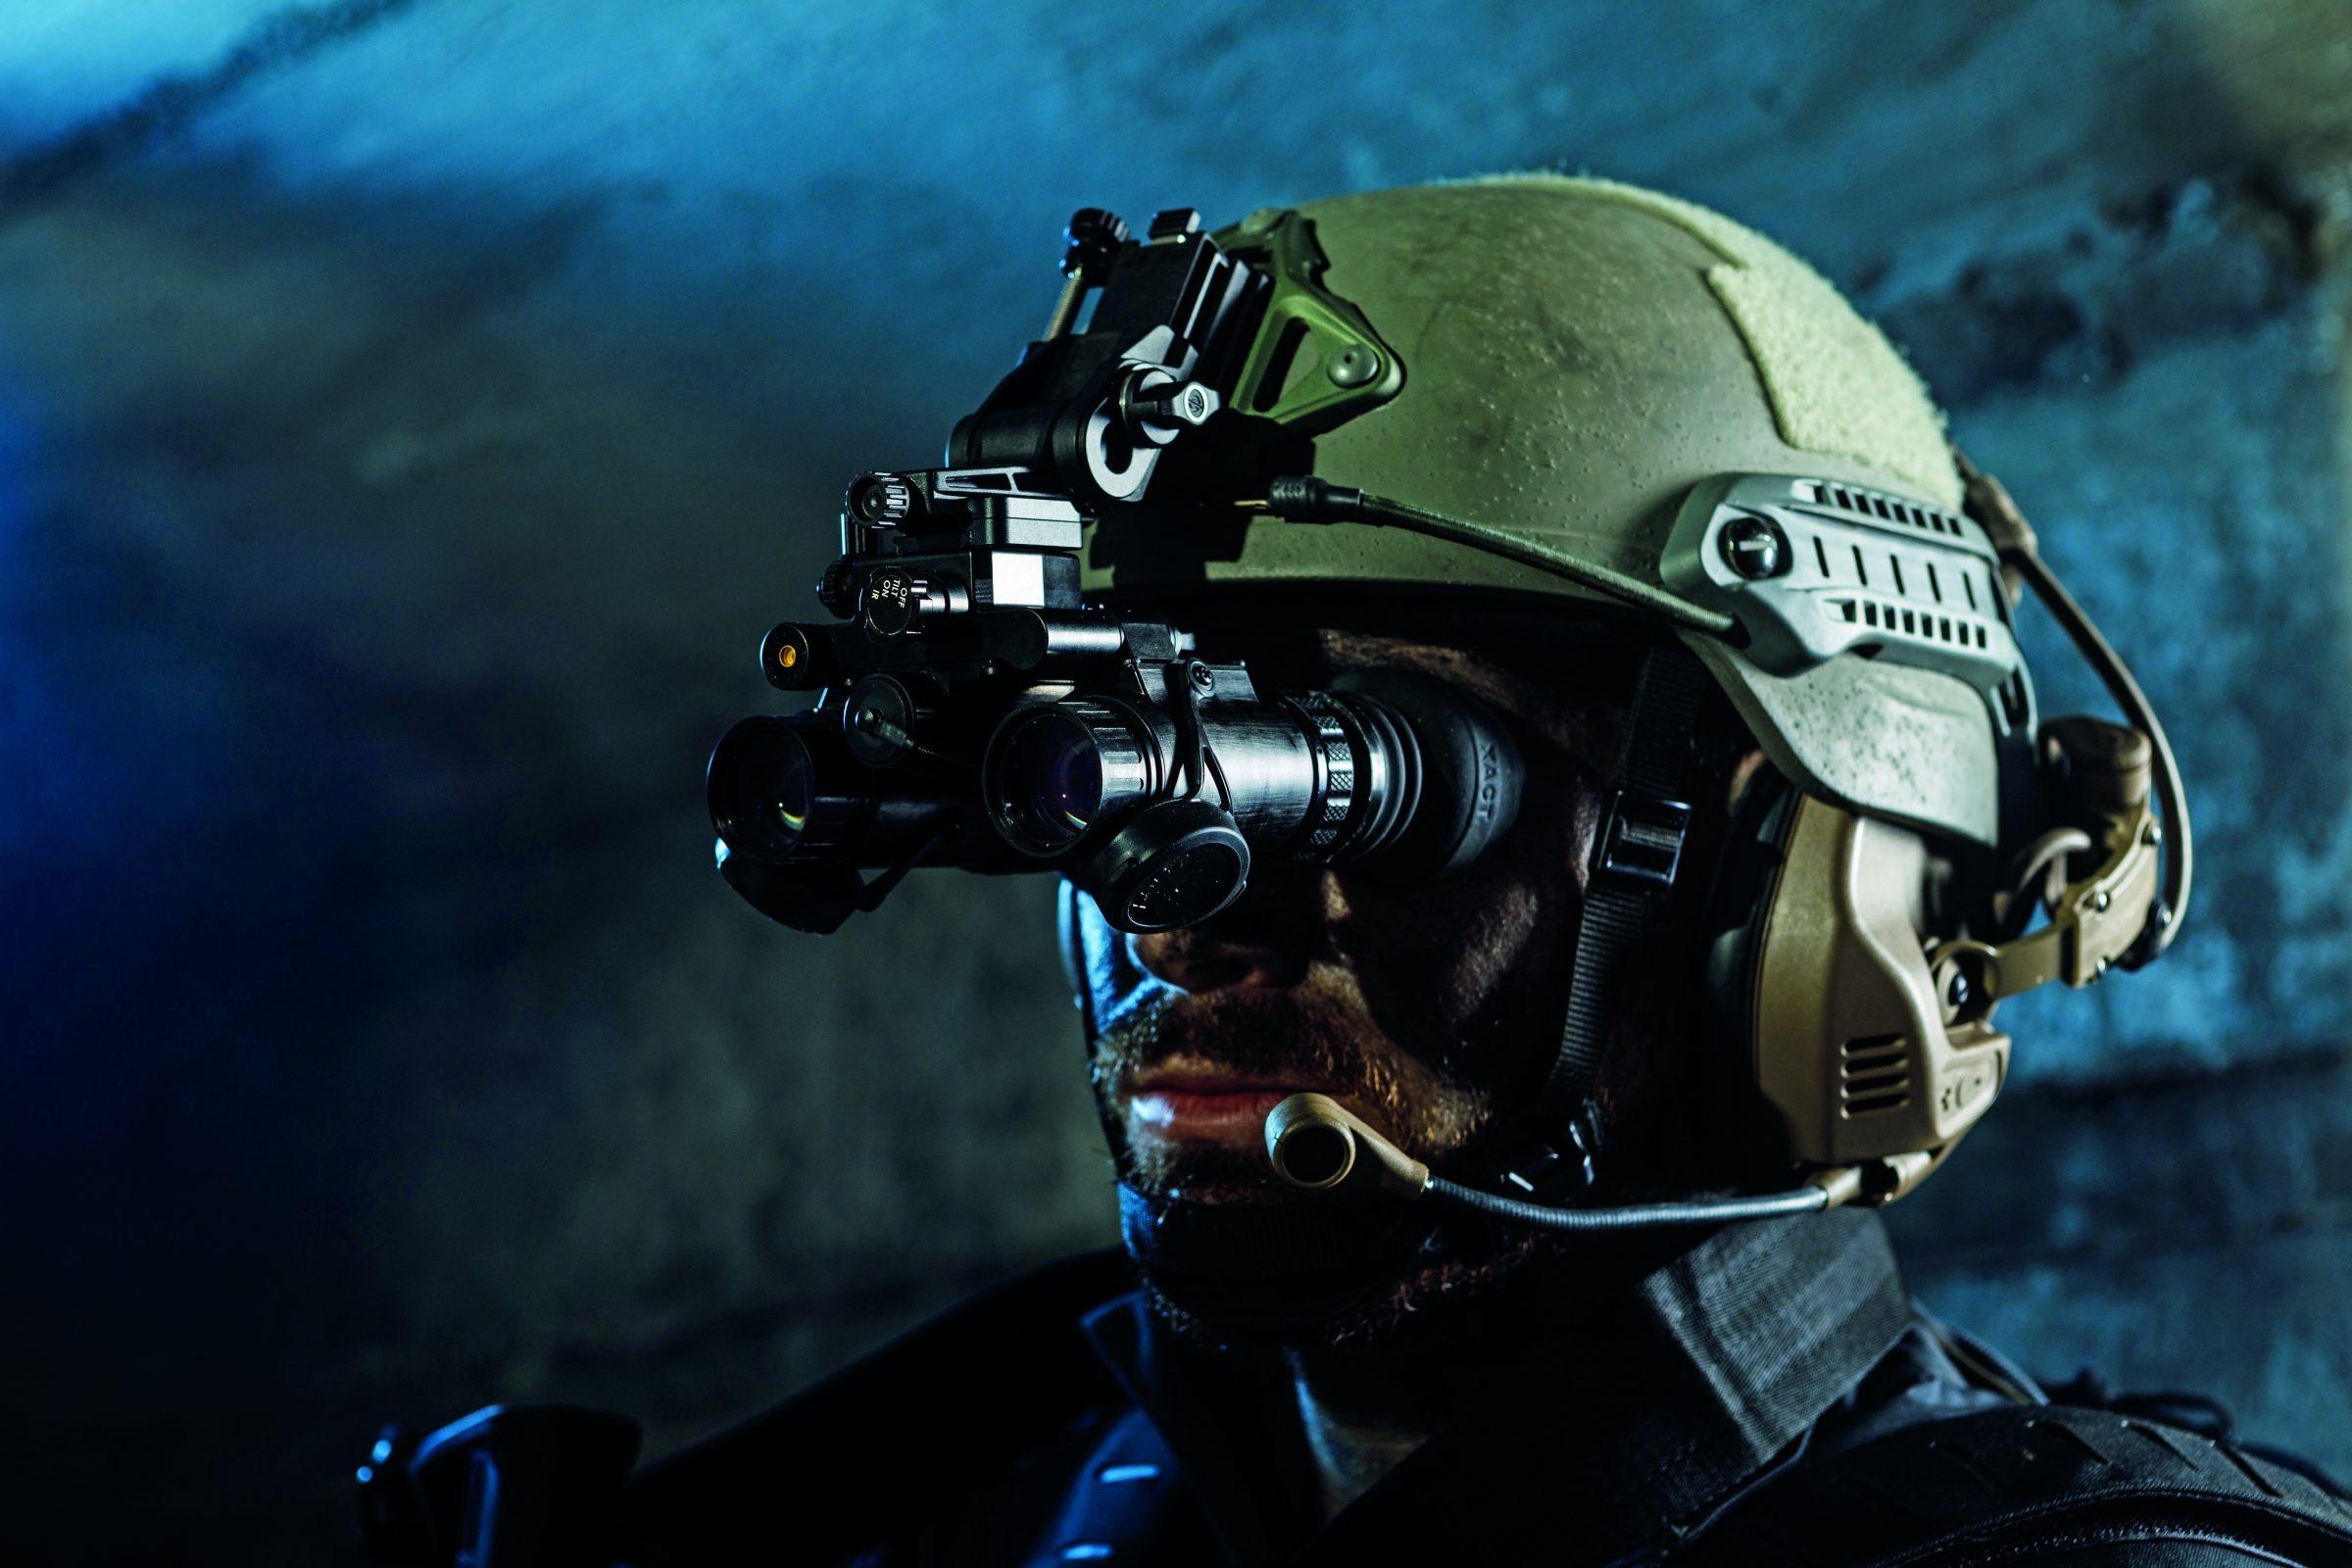 XACT nv3X – Nachtsichtfähigkeit für deutsche und belgische Streitkräfte